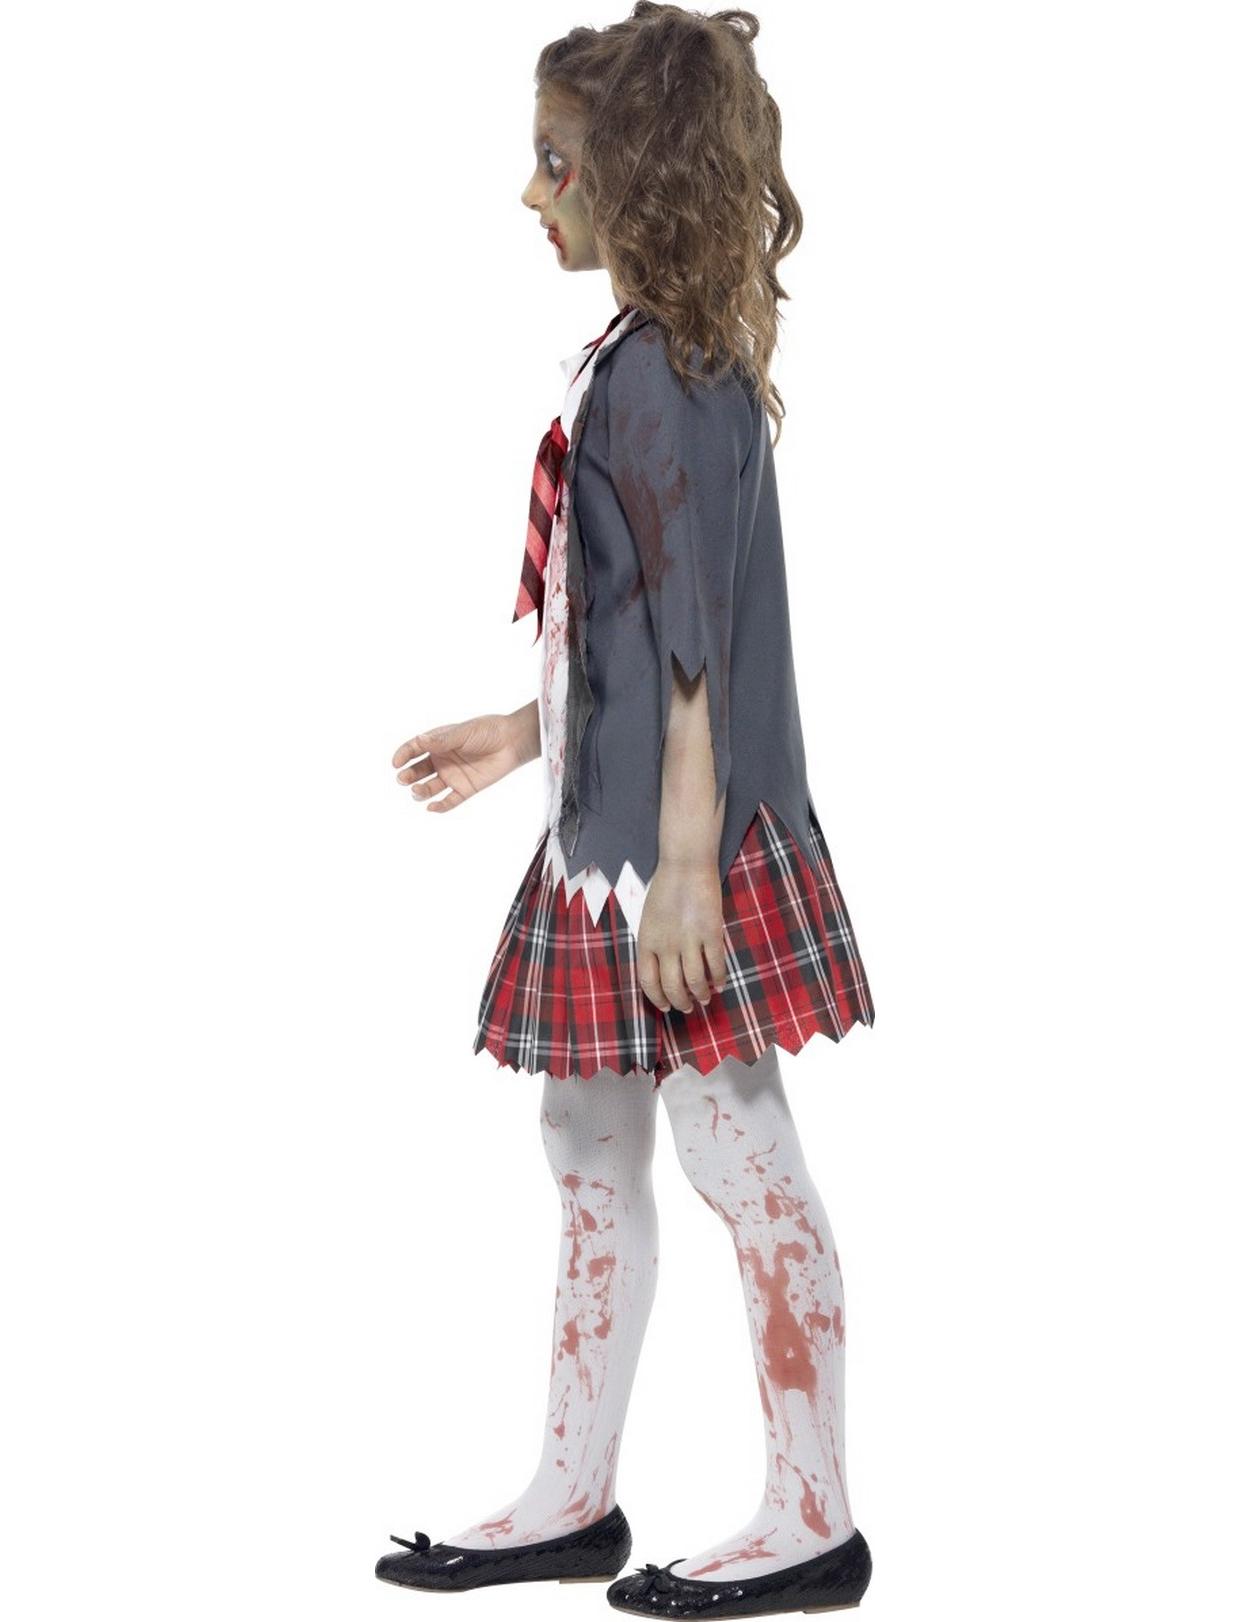 halloween zombie sch lerinnen verkleidung f r m dchen kost me f r kinder und g nstige. Black Bedroom Furniture Sets. Home Design Ideas